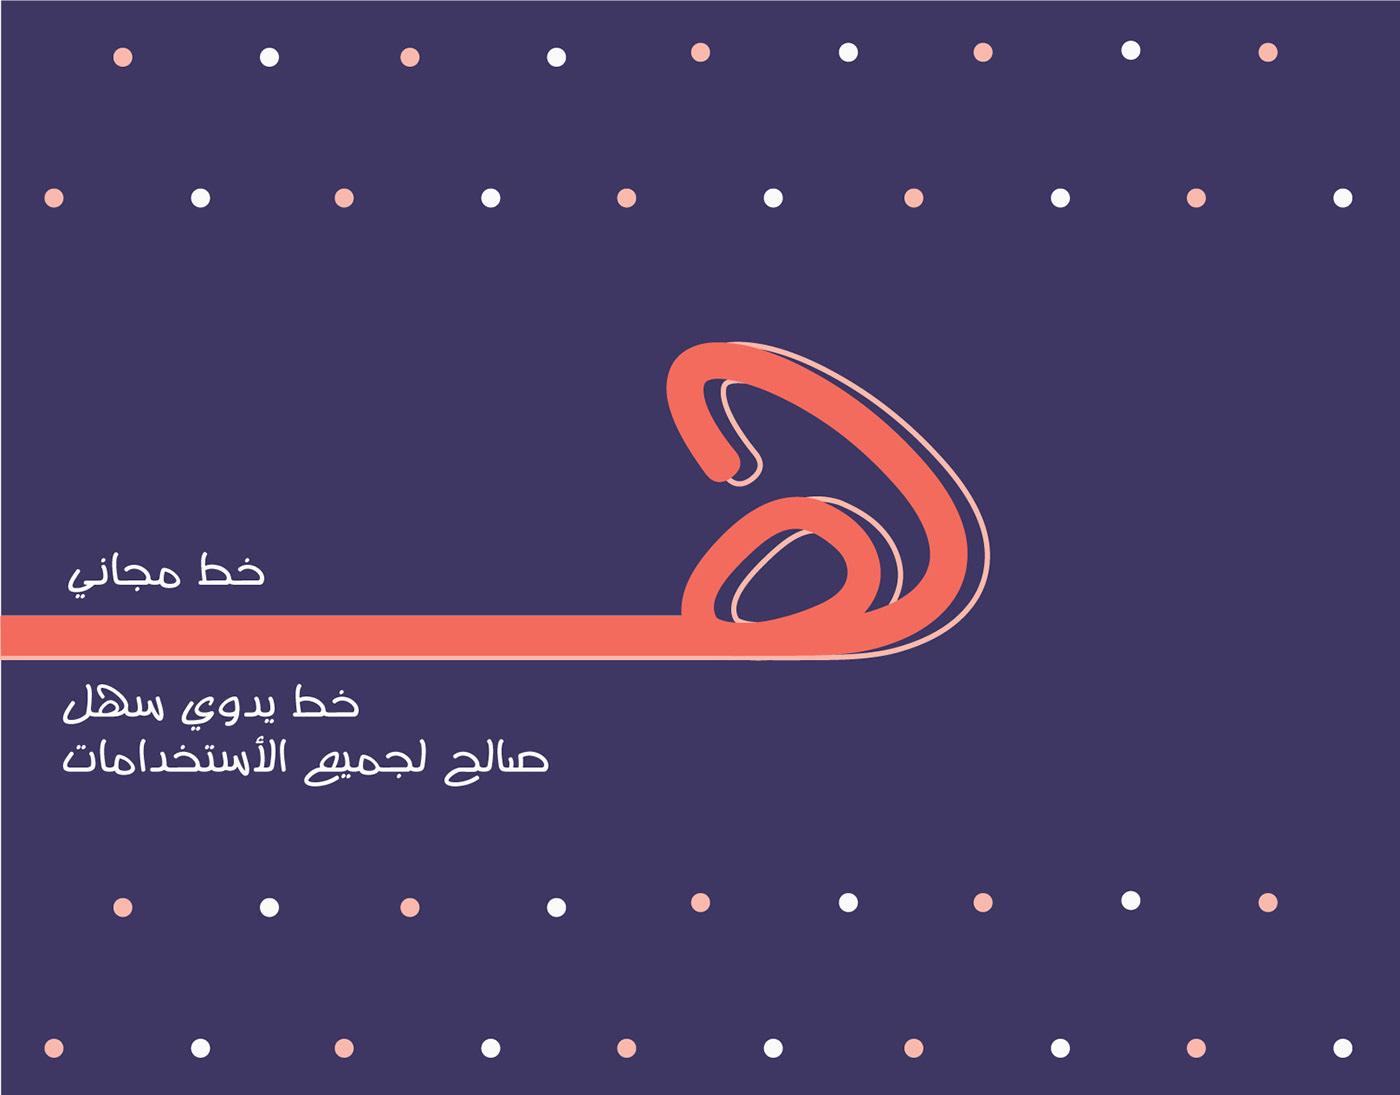 تحميل خط أنامل اليدوي الرائع - Download Anamil Font